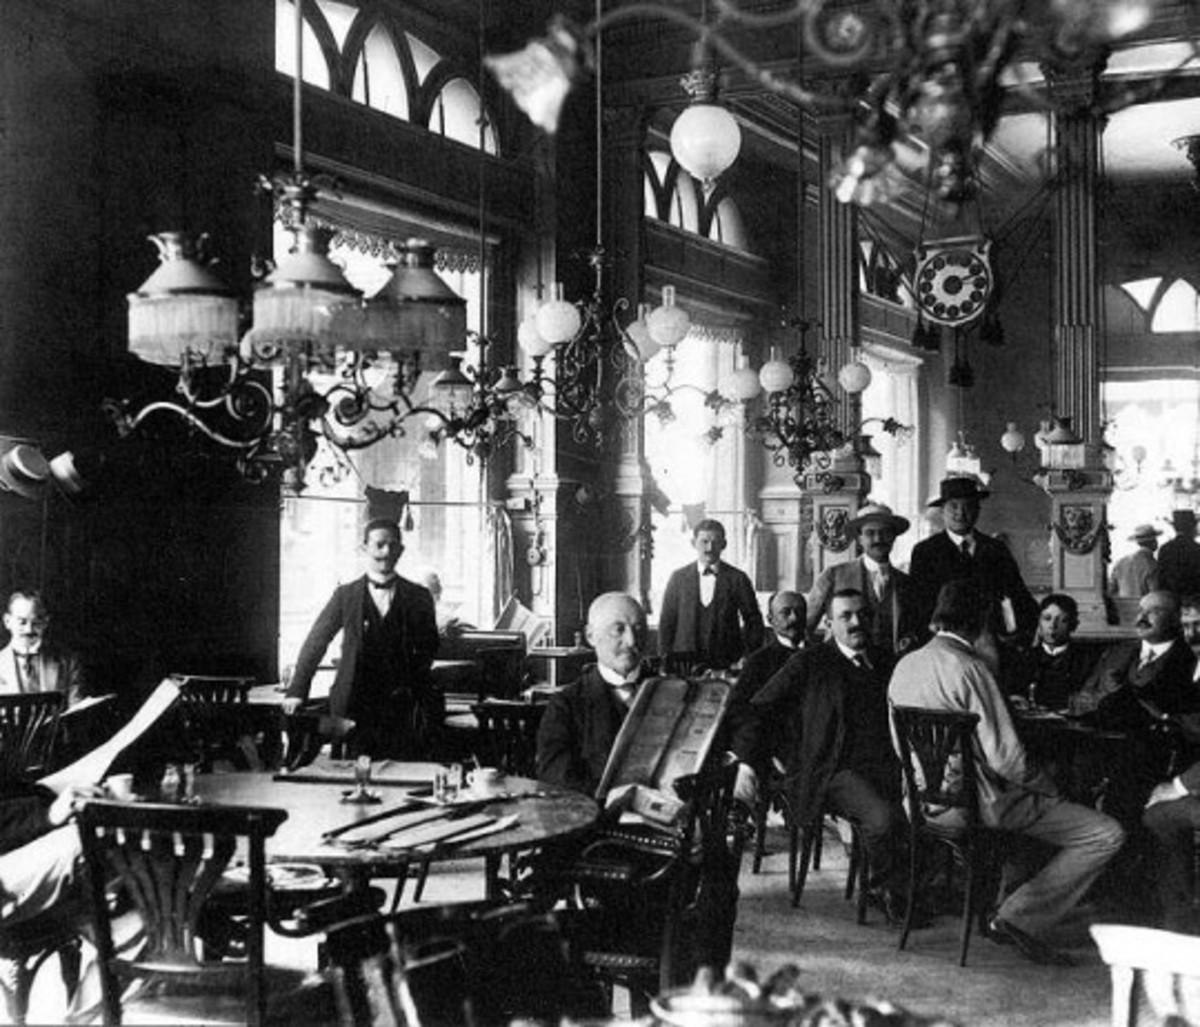 Centrál in the 1920s.